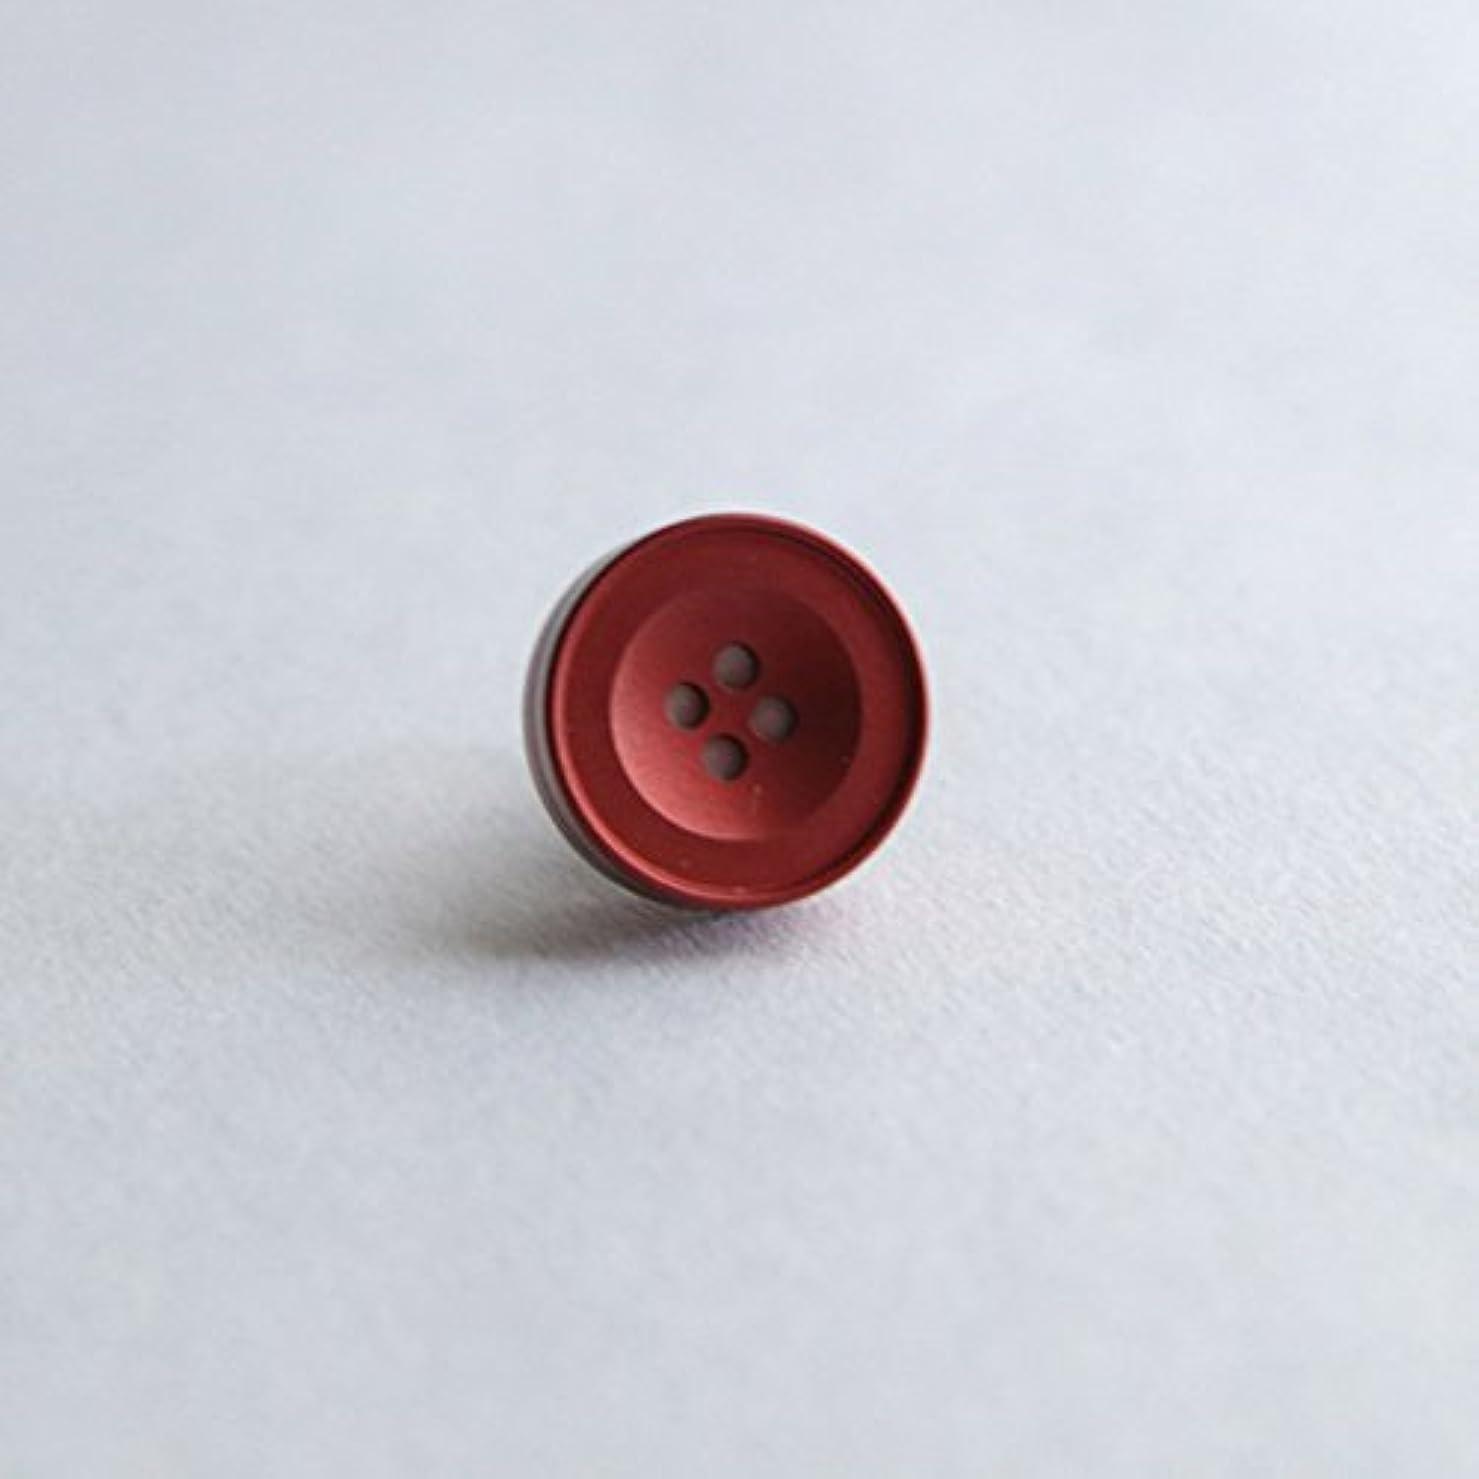 ランタン野球会話CEMENT PRODUCE DESIGN(セメントプロデュースデザイン) ALMA aroma pins -matte ver.- マットレッド